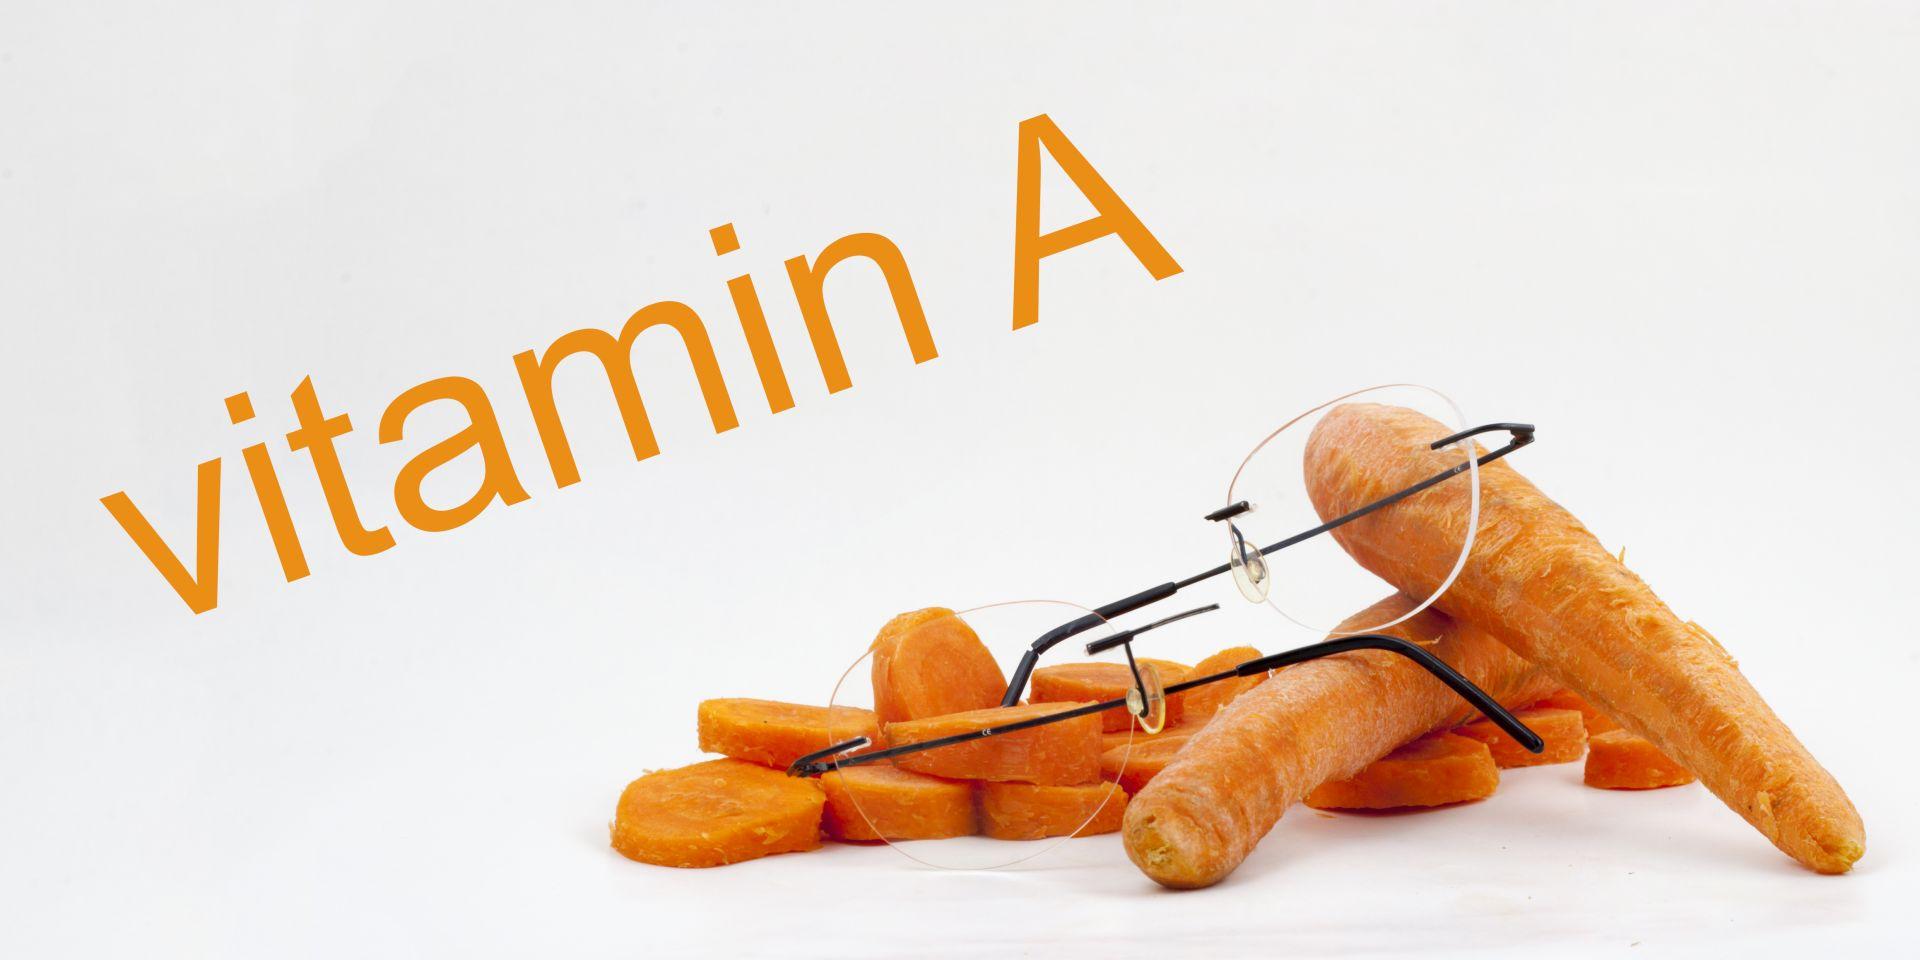 Ein Vitamin A Mangel kann gefährlich sein